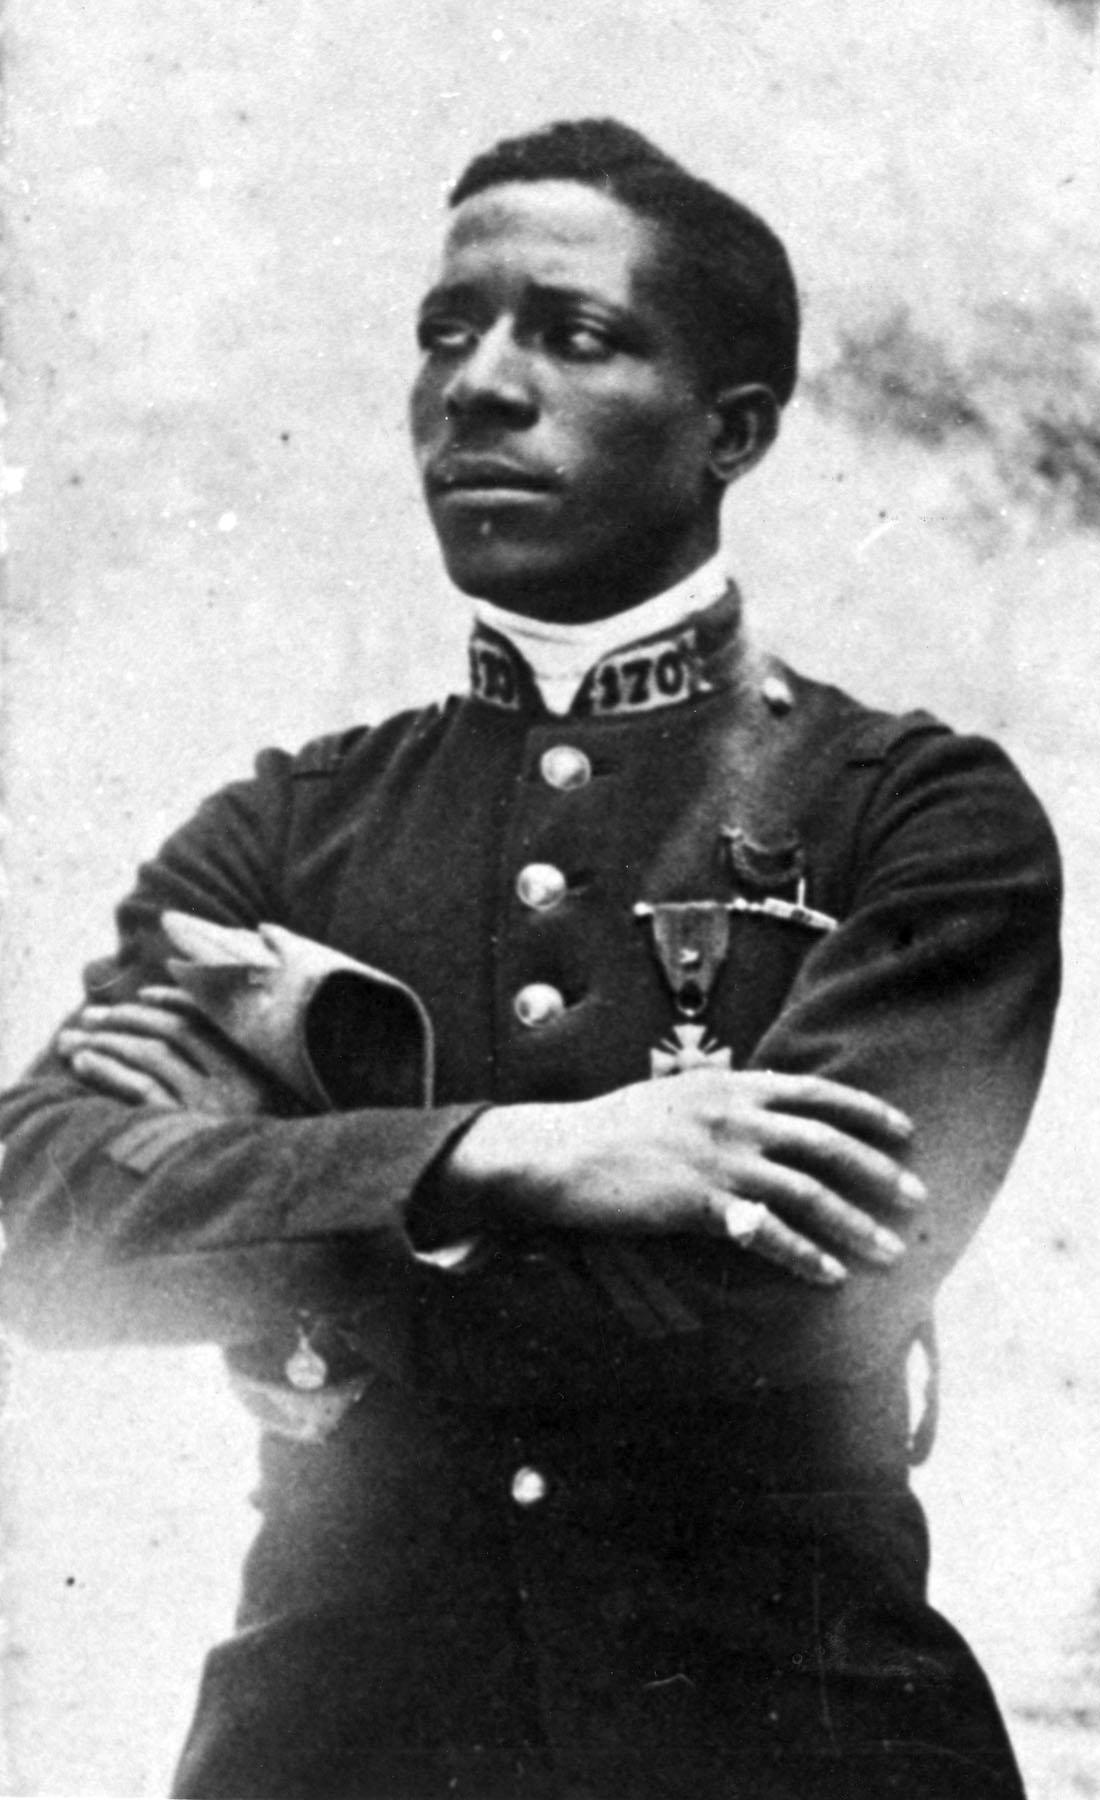 Notre passé n'a rien à voir avec celui des USA : l'histoire oubliée du premier Noir américain  pilote de chasse